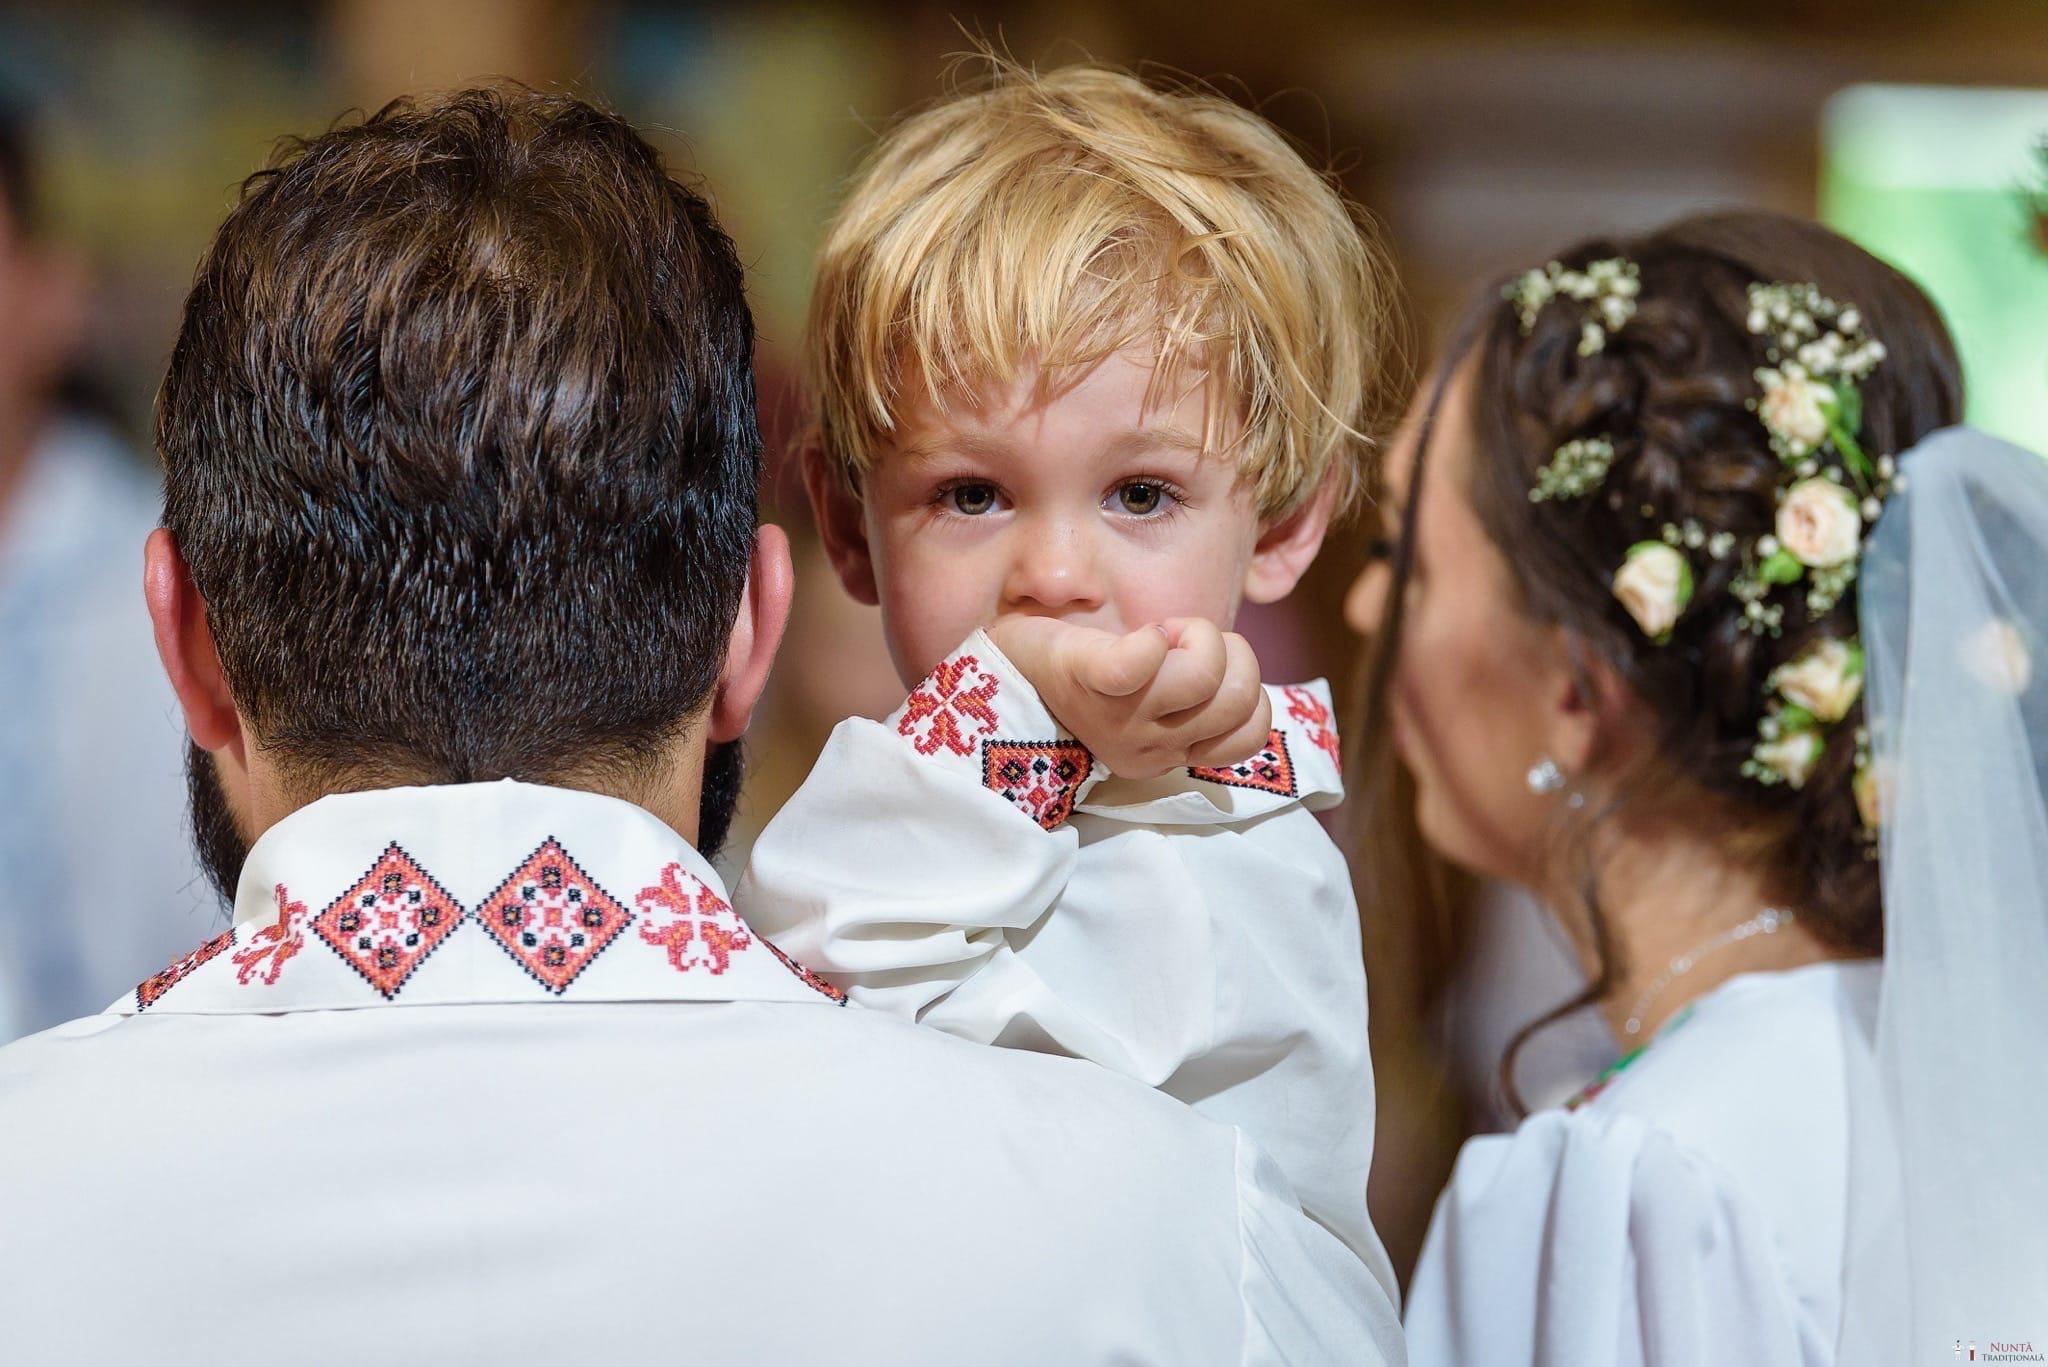 Povești Nunți Tradiționale - Daniela și Cristian, nuntă tradițională în Slobozia, Giurgiu 2